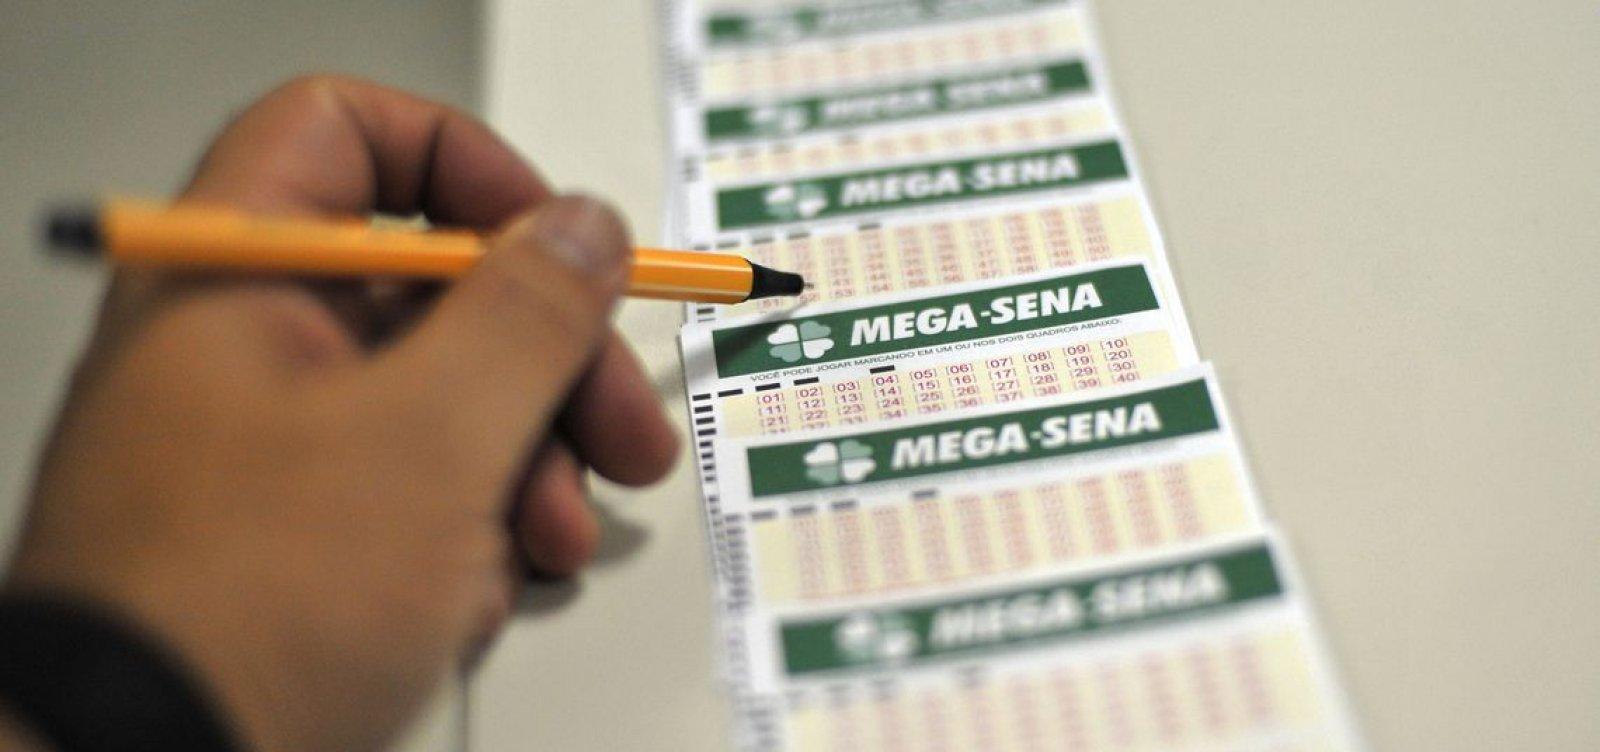 [Mega-Sena acumula e prêmio estimado para o próximo sorteio é de R$ 6,5 milhões]